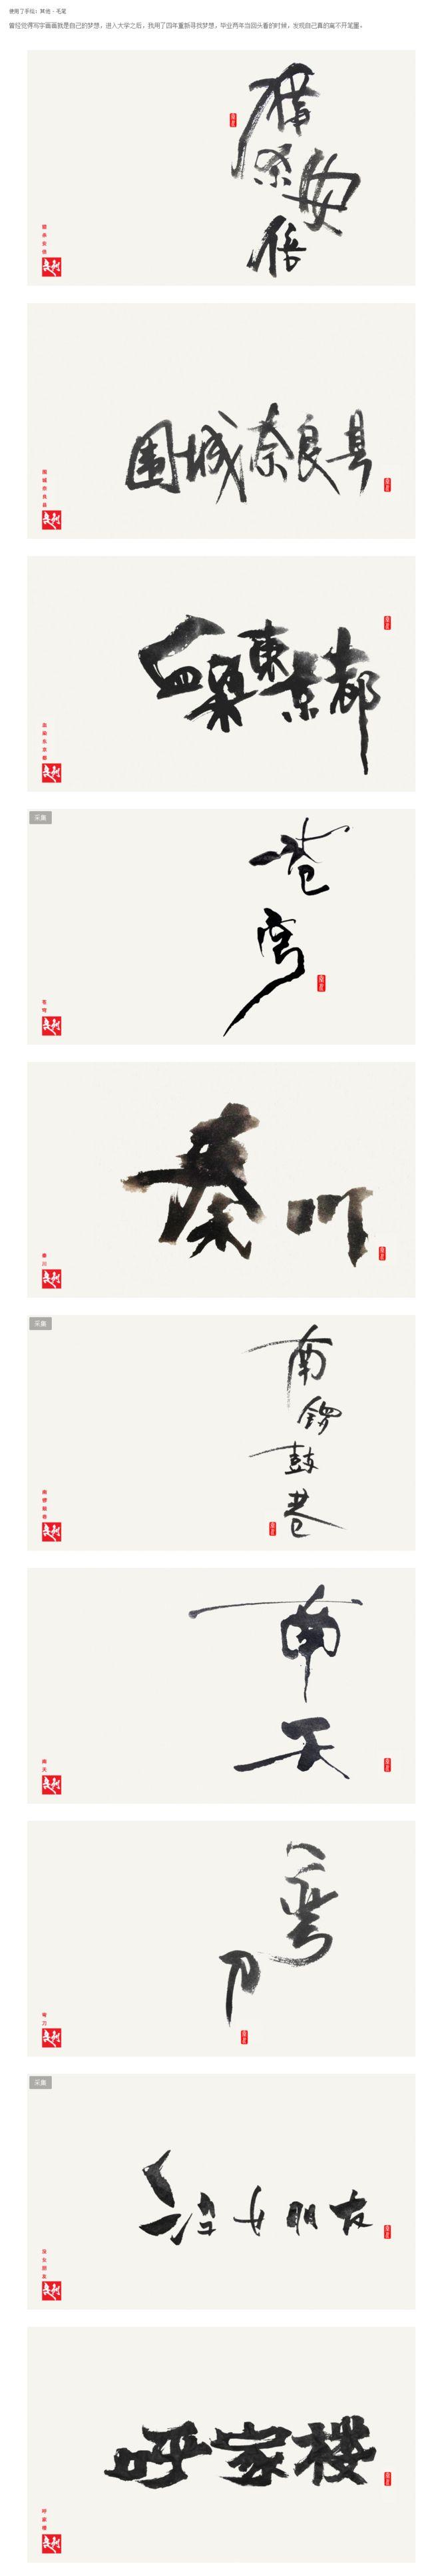 《空城》书法,每天一副字|字体/字形|平...